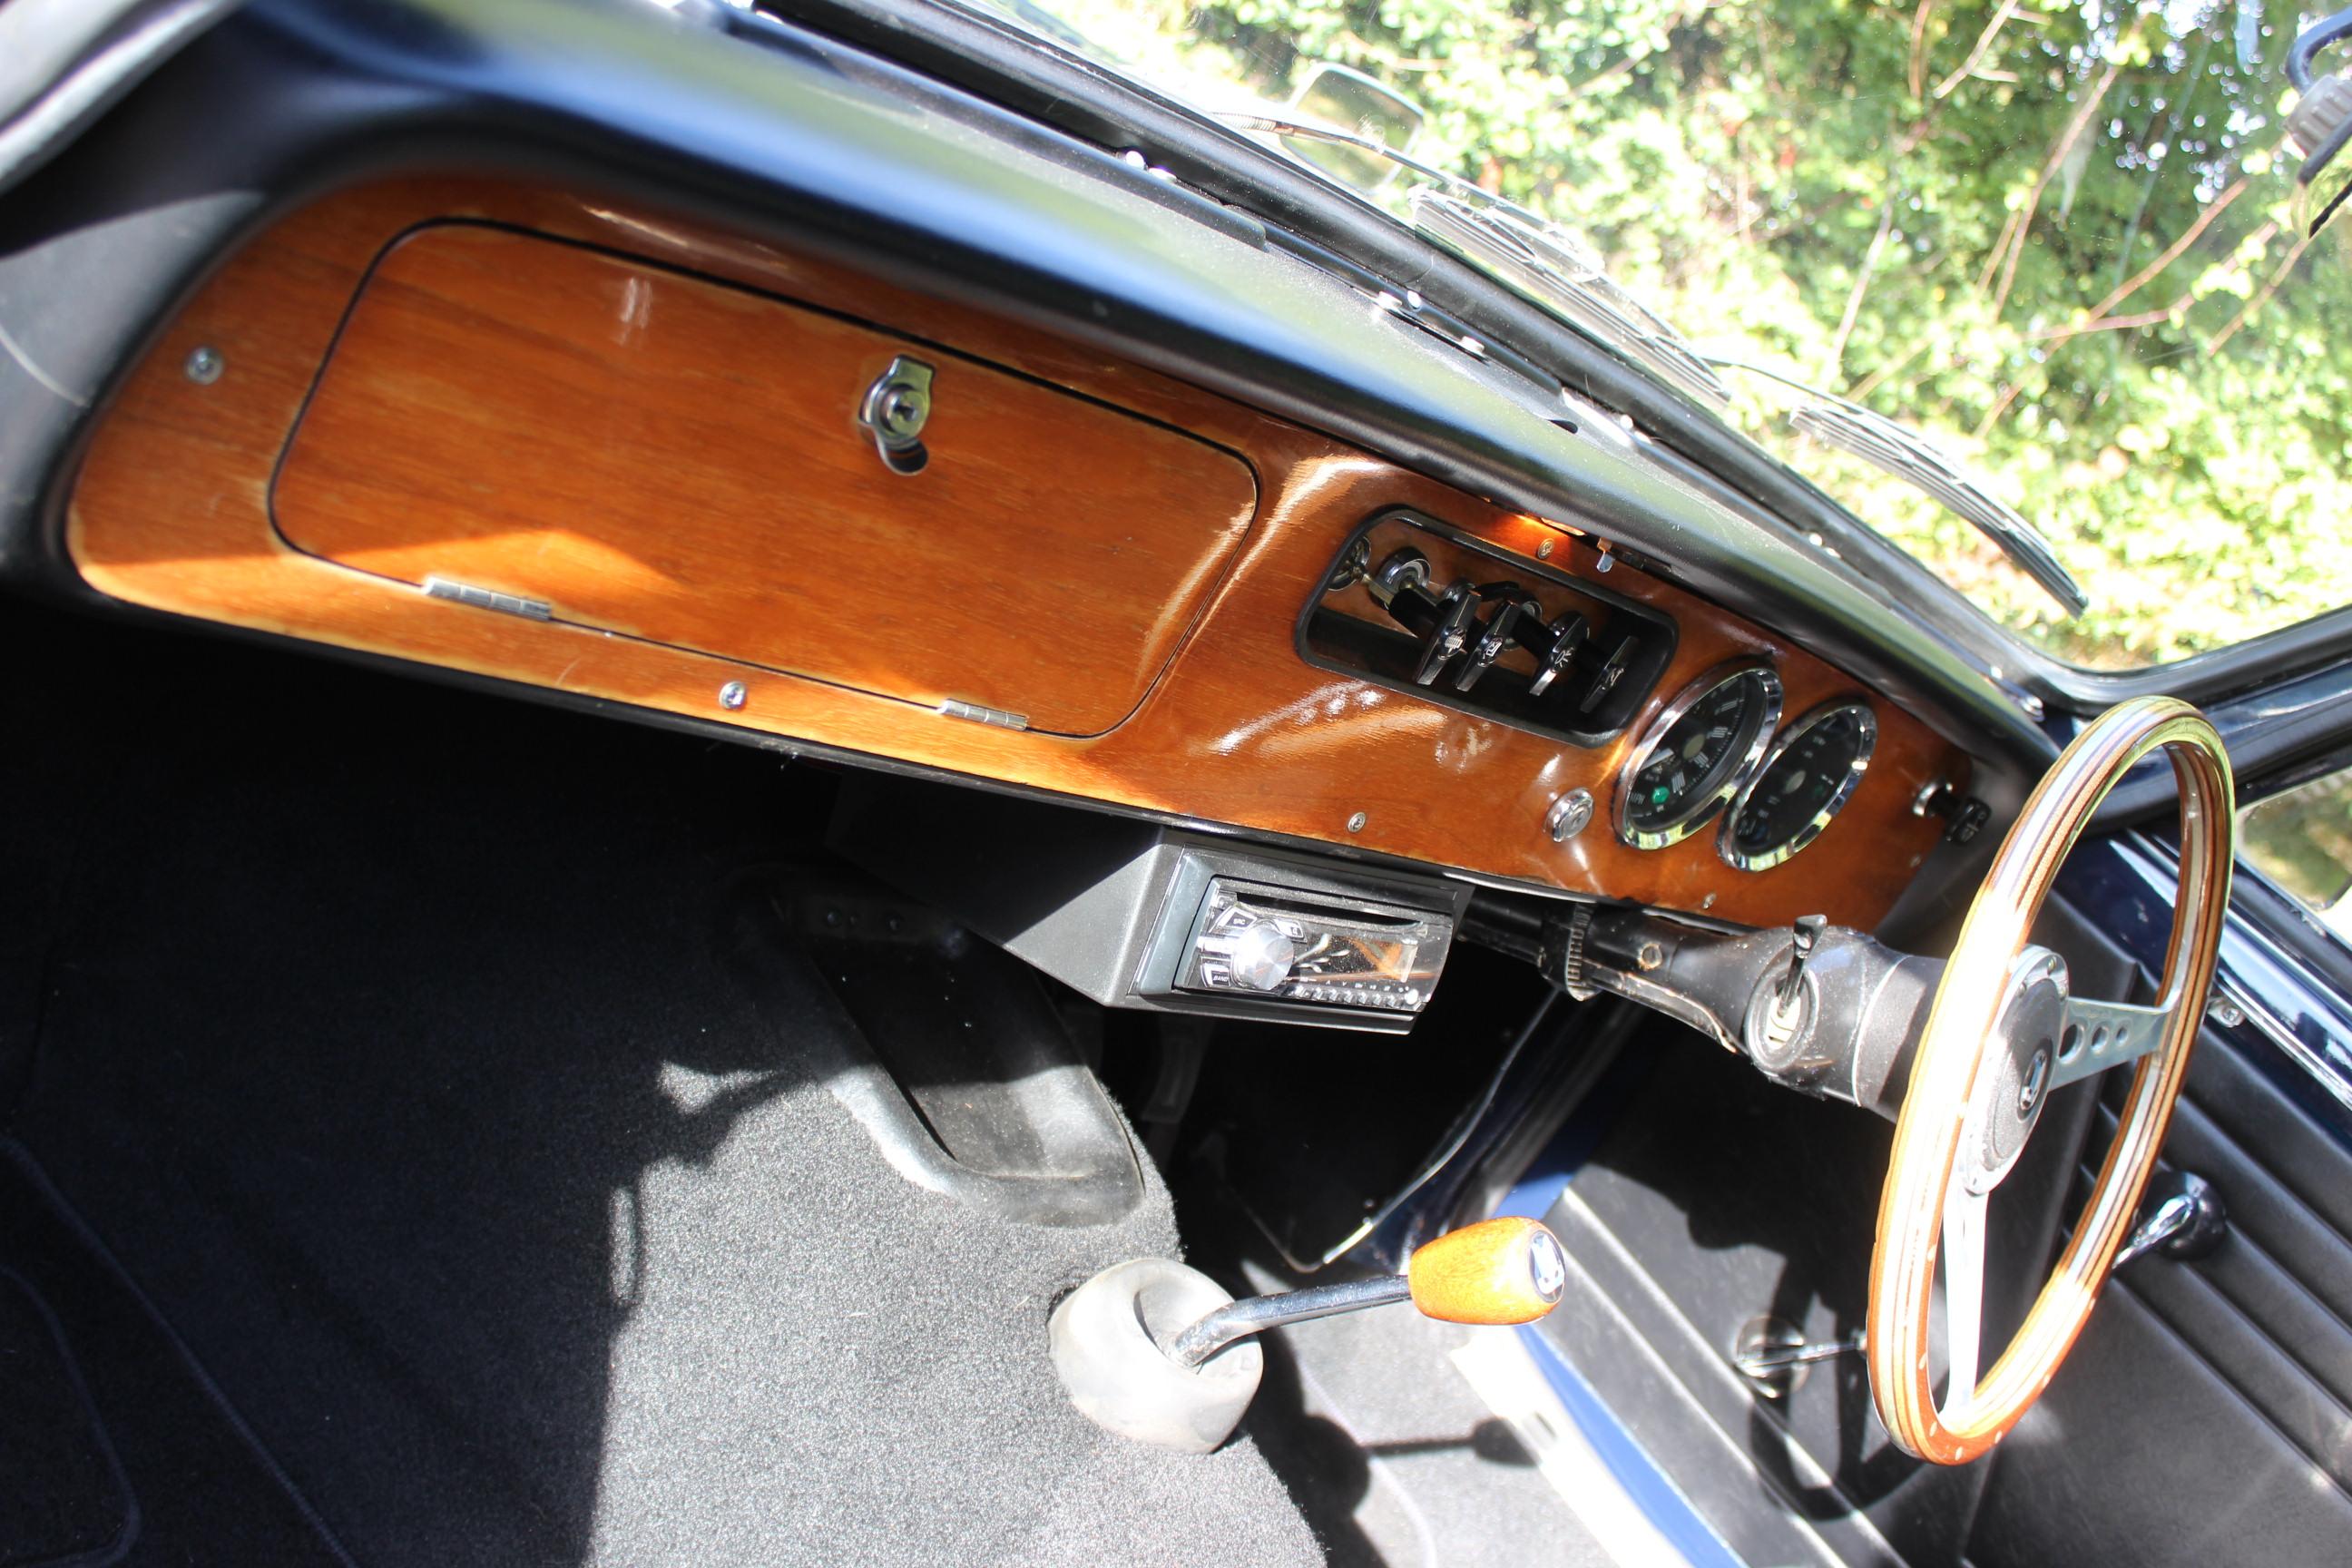 1969 triumph herald 13  60  u0026 39 cv u0026 39  convertible